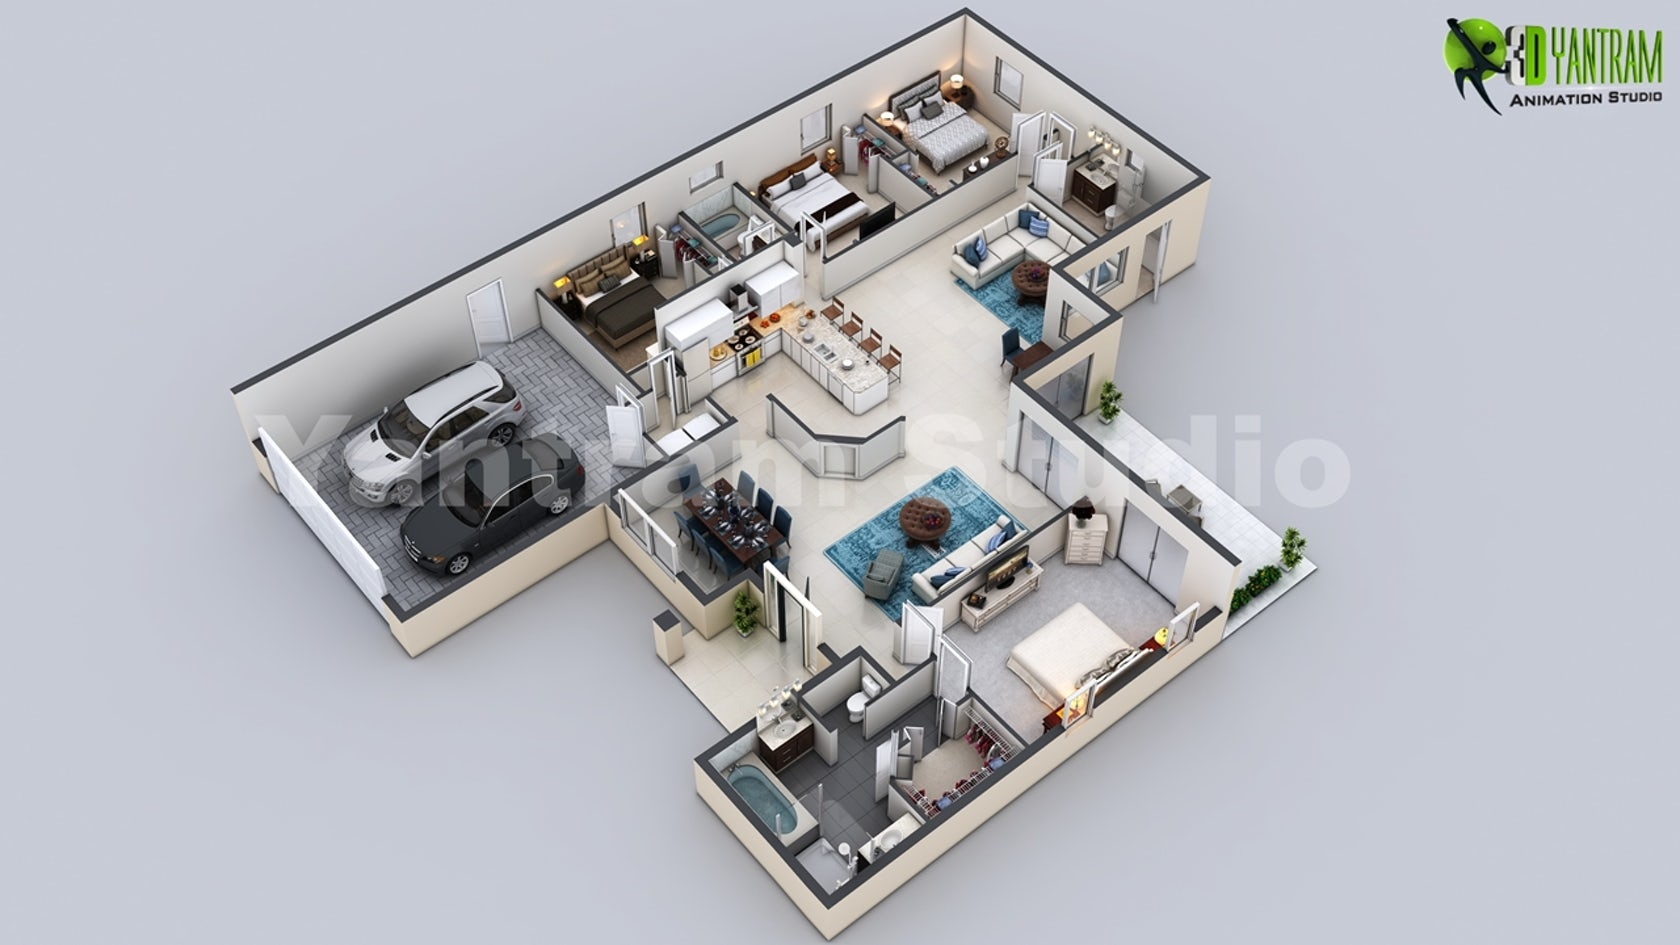 3D Virtual Floor Plan Of Luxurious Villa Design By Yantram Architectural Design Studio By Floor Plan Designer - Architizer